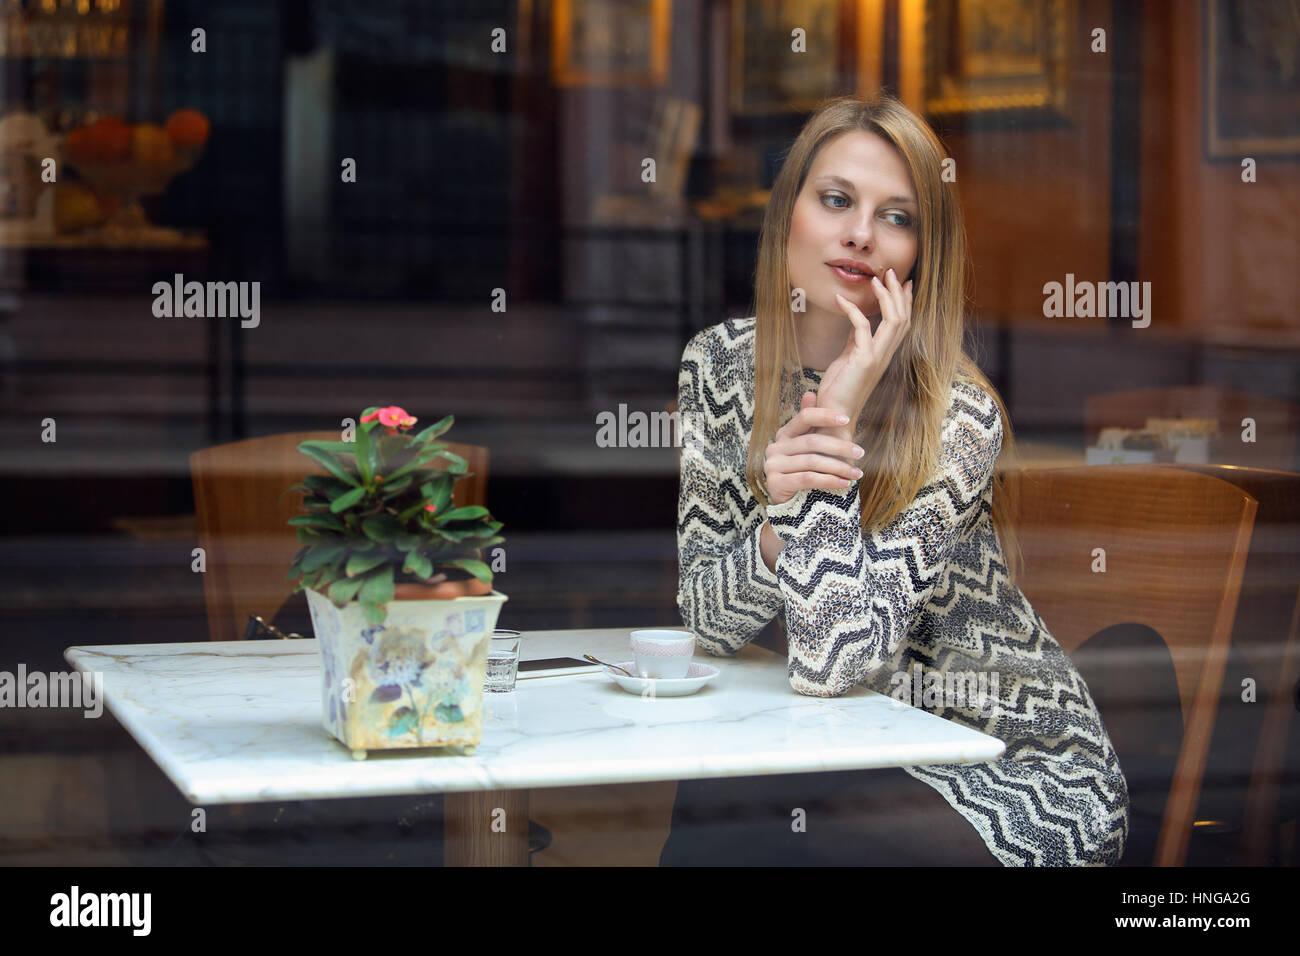 Elegante junge Frau in einem stilvollen Café. Städtischen Schuss Stockbild